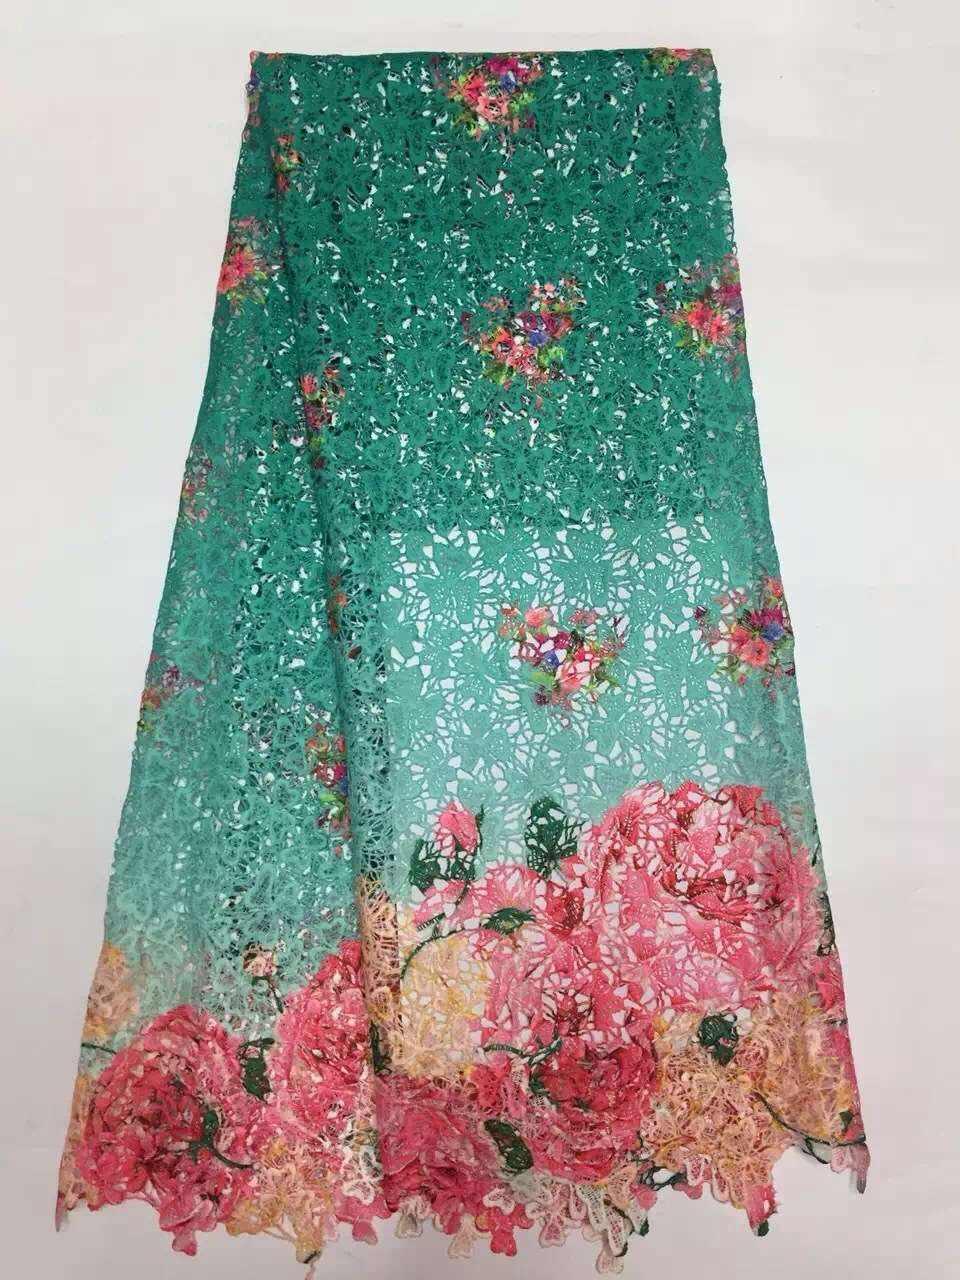 Hohe qualität der netzwerk/wasserlösliche spitze spitze/seil spitze rosa Blume in blatt grün guipure spitze stoff